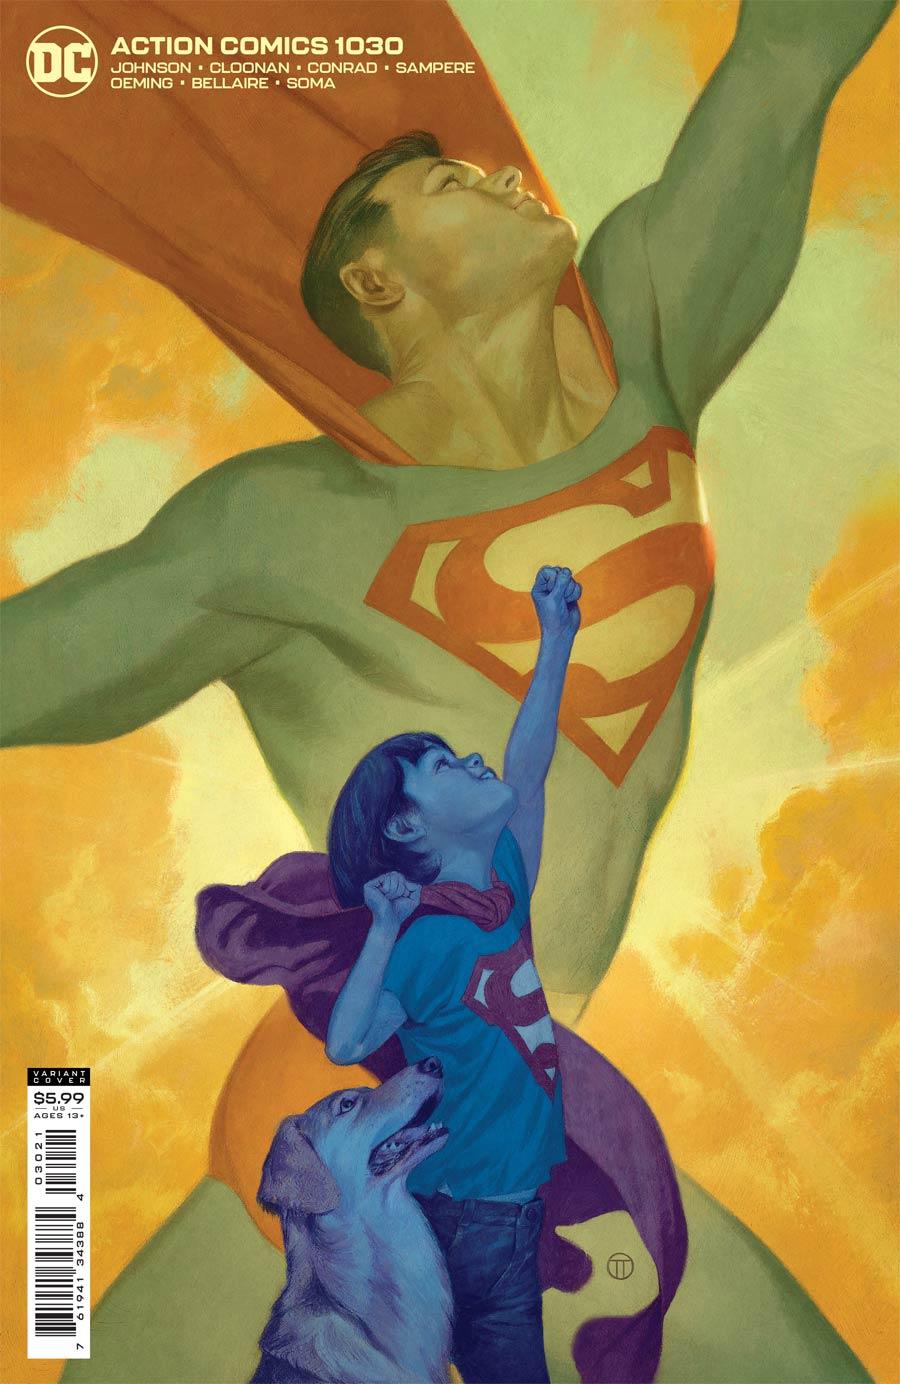 Action Comics Vol 2 #1030 Cover B Variant Julian Totino Tedesco Card Stock Cover